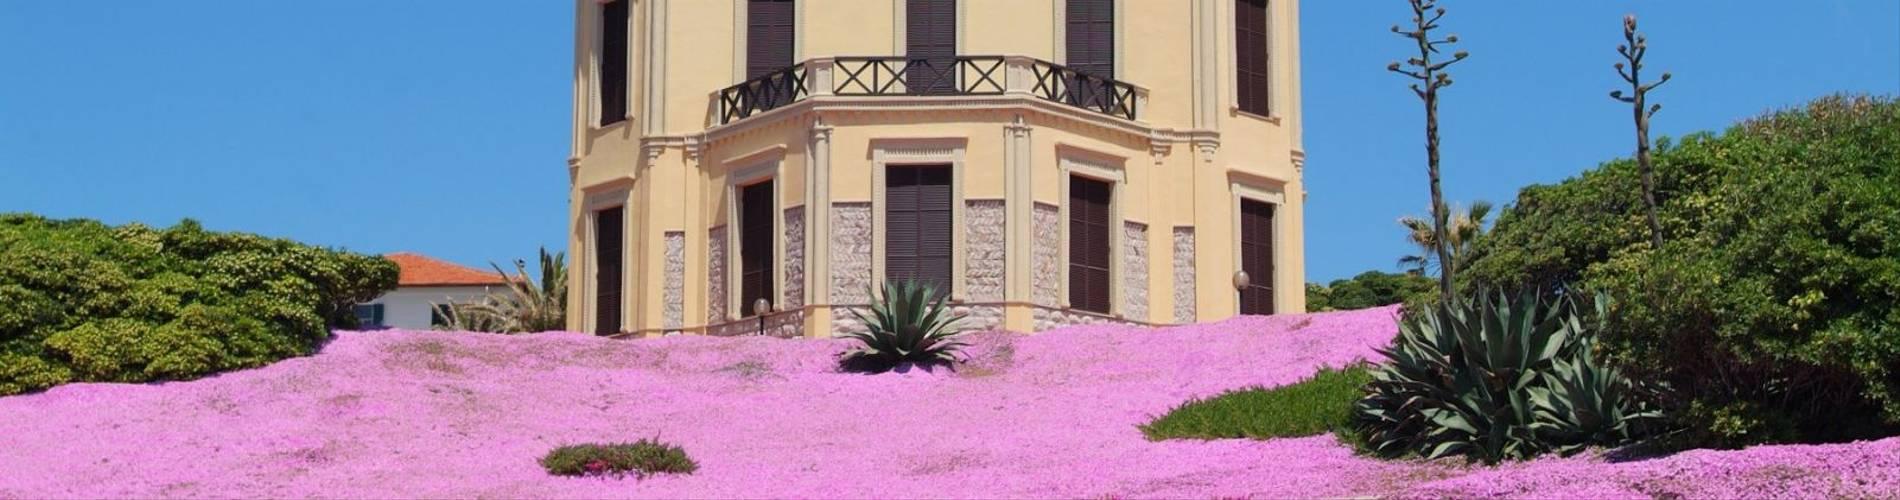 Villa Mosca, Sardinia, Italy (4).jpg